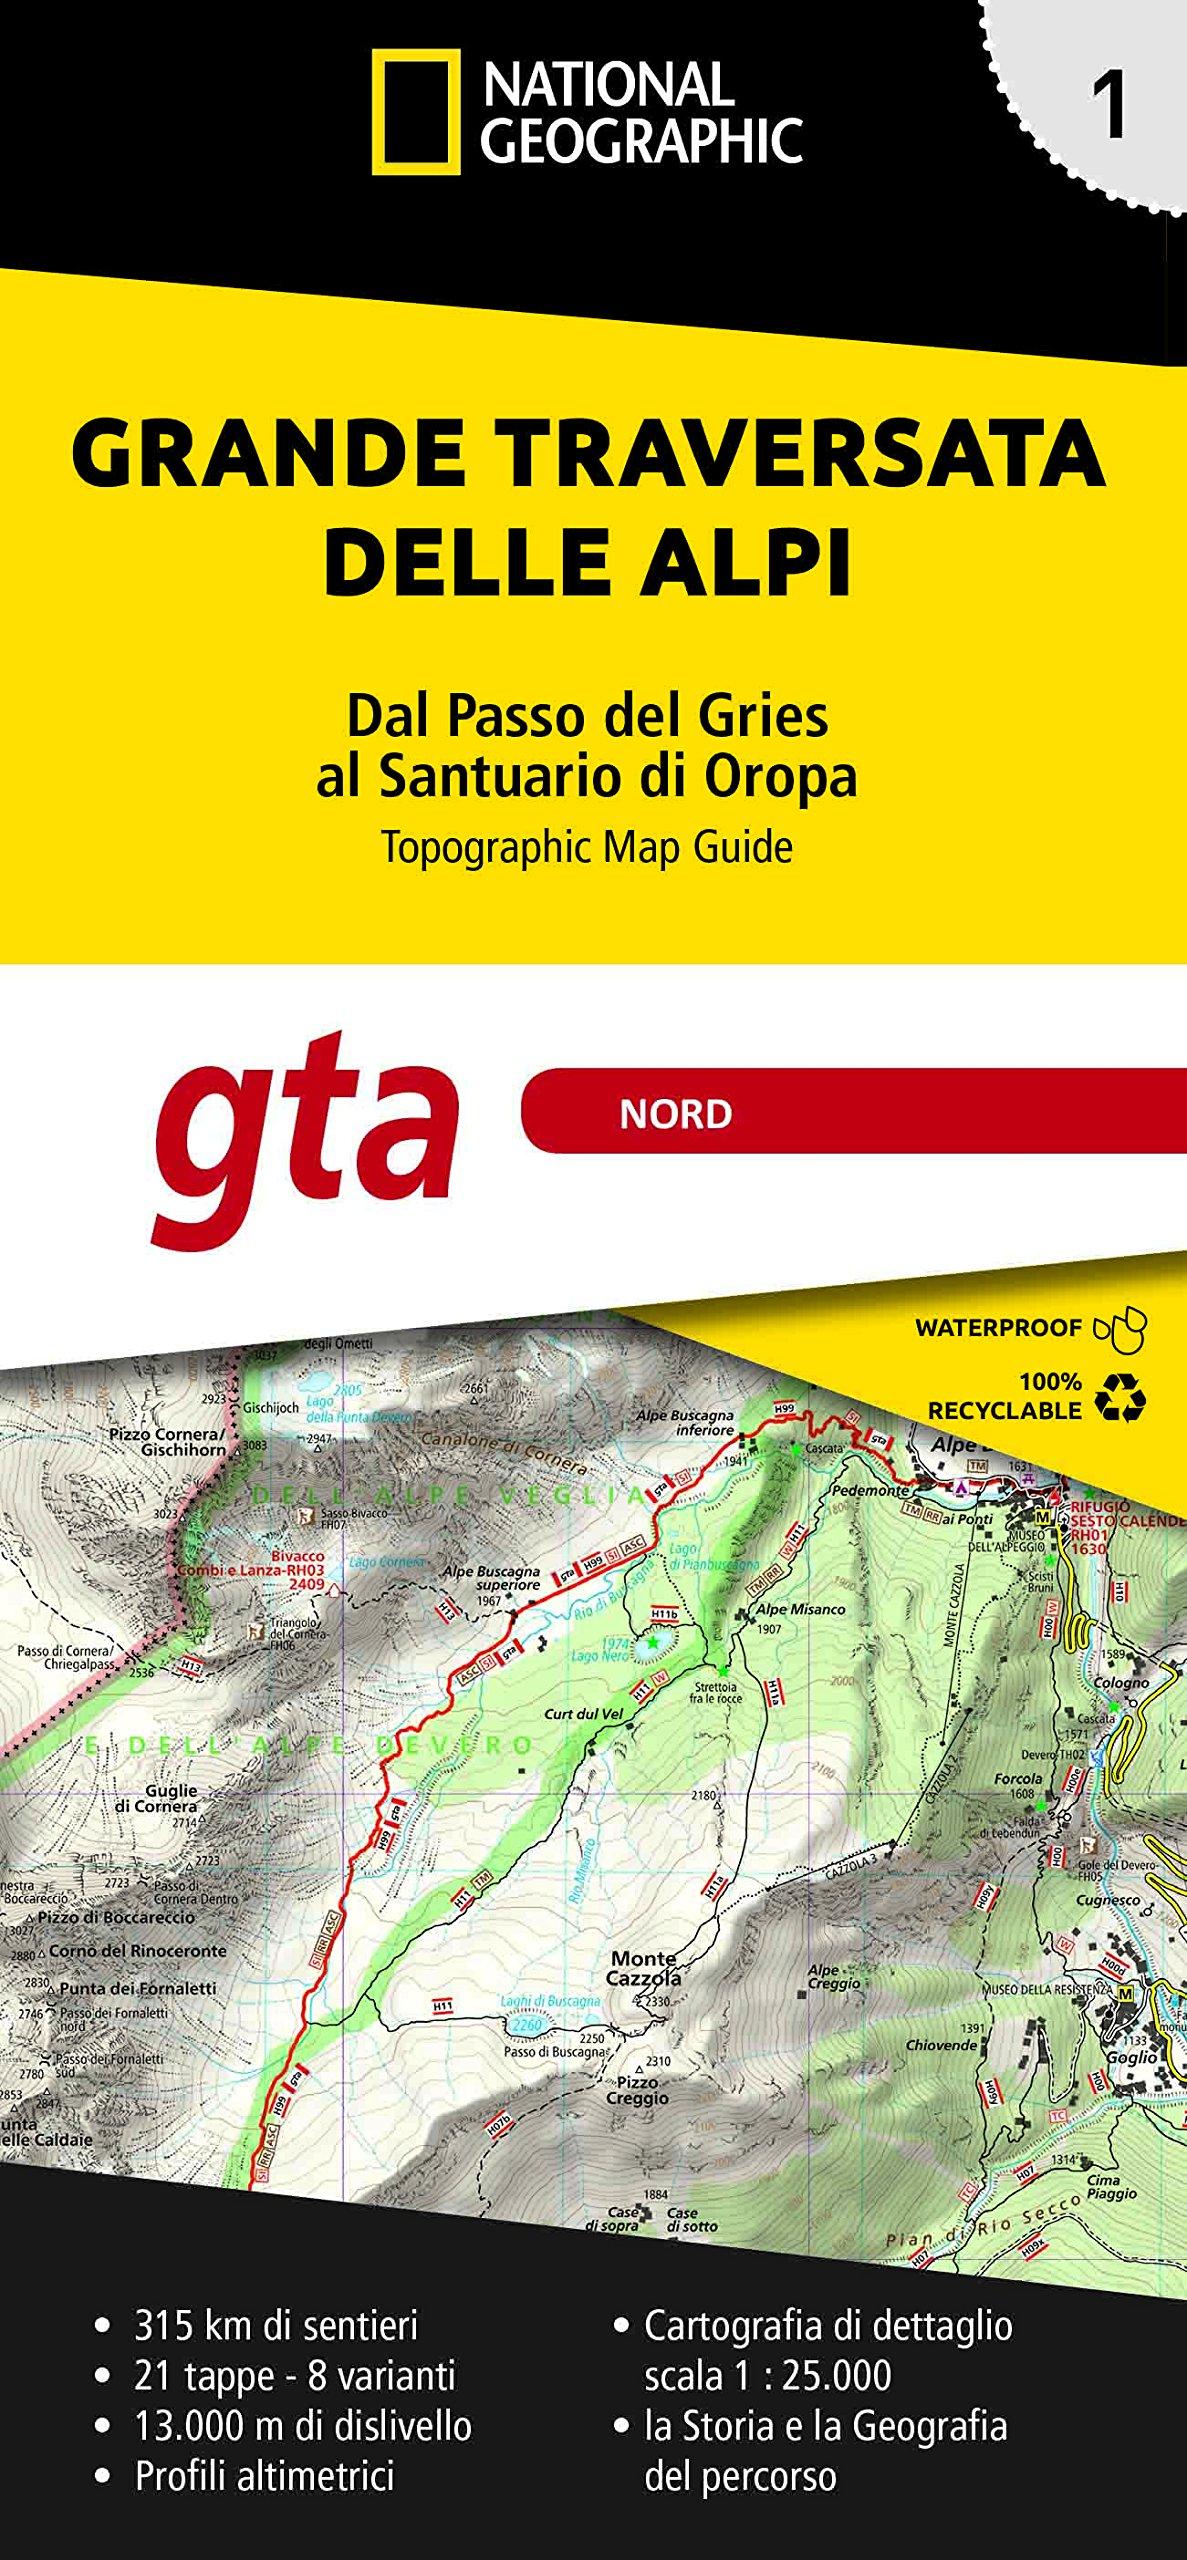 GTA 1: Nord - Grande Traversata delle Alpi | wandelatlas GTA, deel NOORD 9788869851742  National Geographic NG wandelatlassen  Meerdaagse wandelroutes, Wandelgidsen, Wandelkaarten Turijn, Piemonte